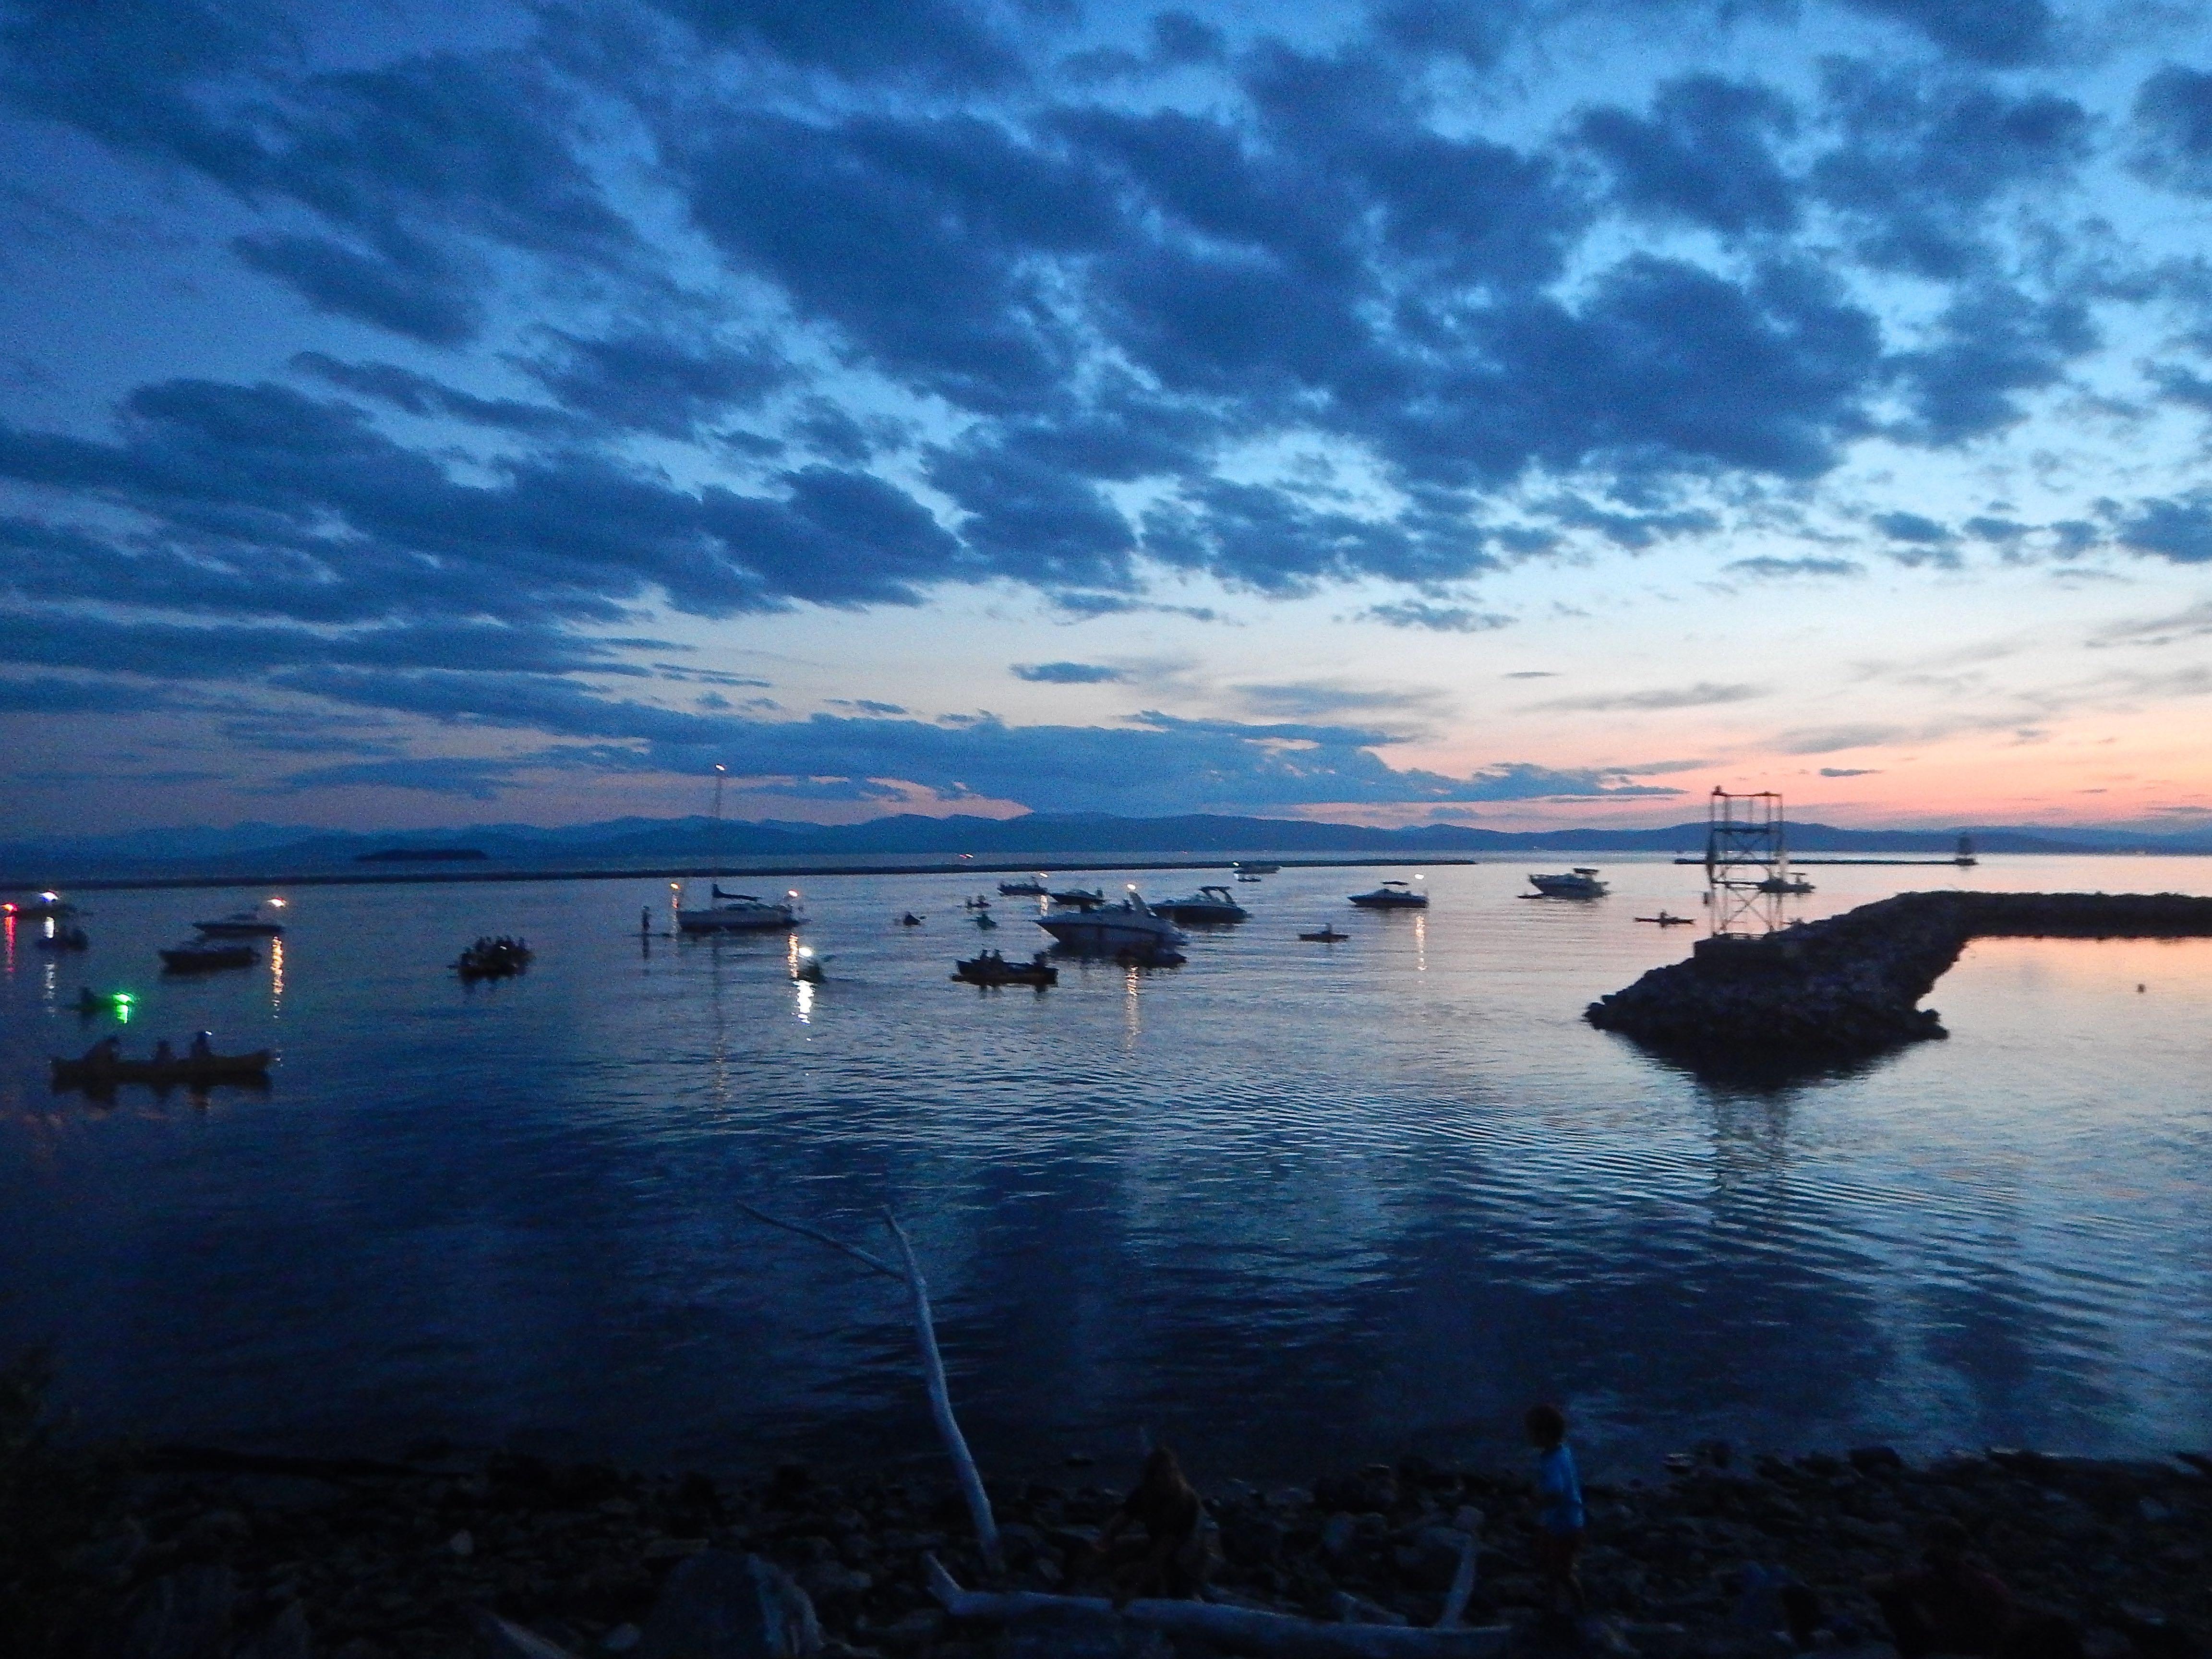 Caption: Burlington, Vermont Waterfront - July 2018, Credit: Brian Aust